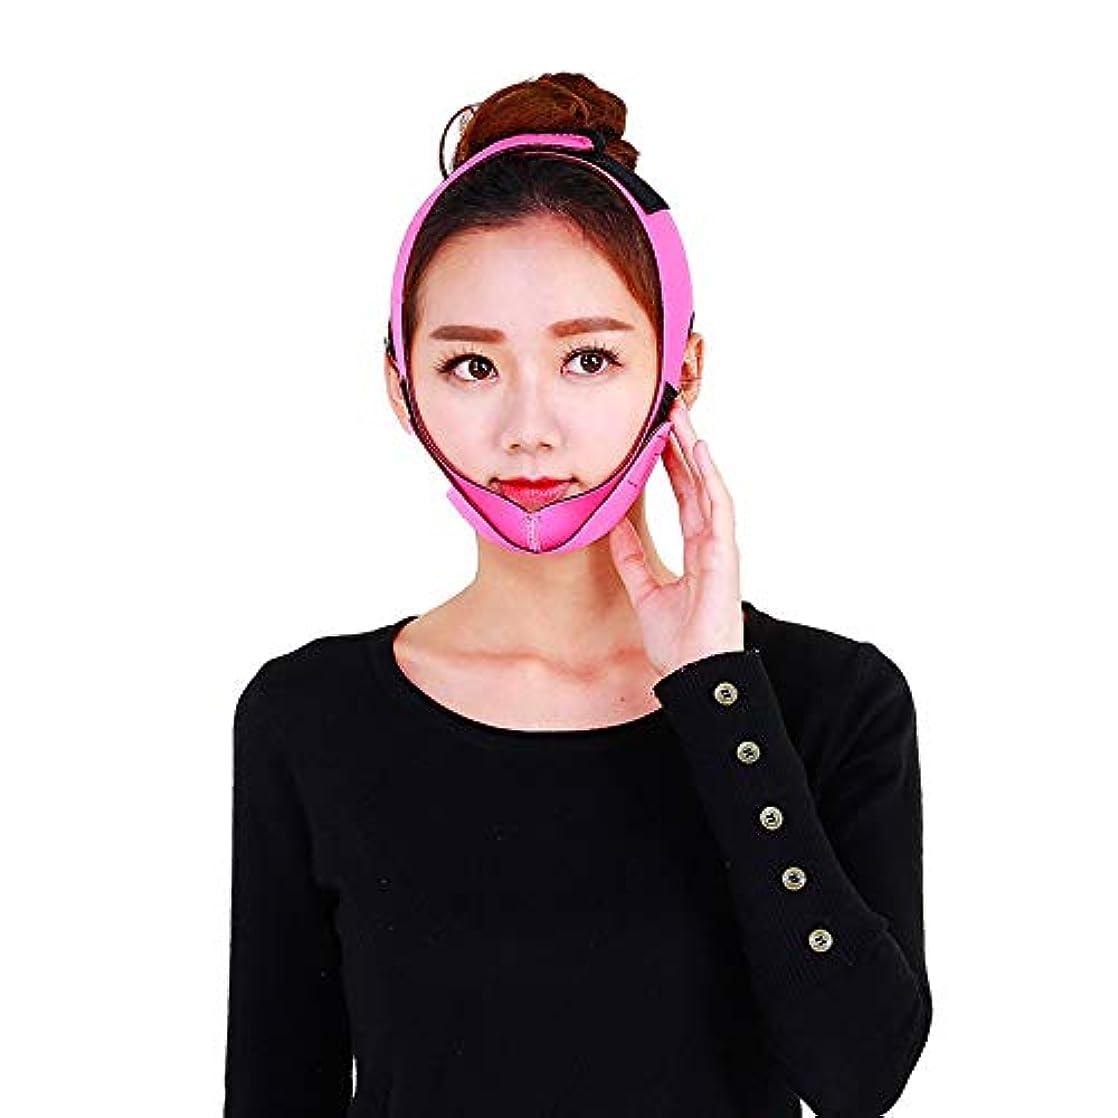 鳥乳相続人Minmin 顔の持ち上がる痩身ベルト - 薄い顔包帯二重あごのデバイス無料の顔のマッサージ整形マスクが顔と首を締めます みんみんVラインフェイスマスク